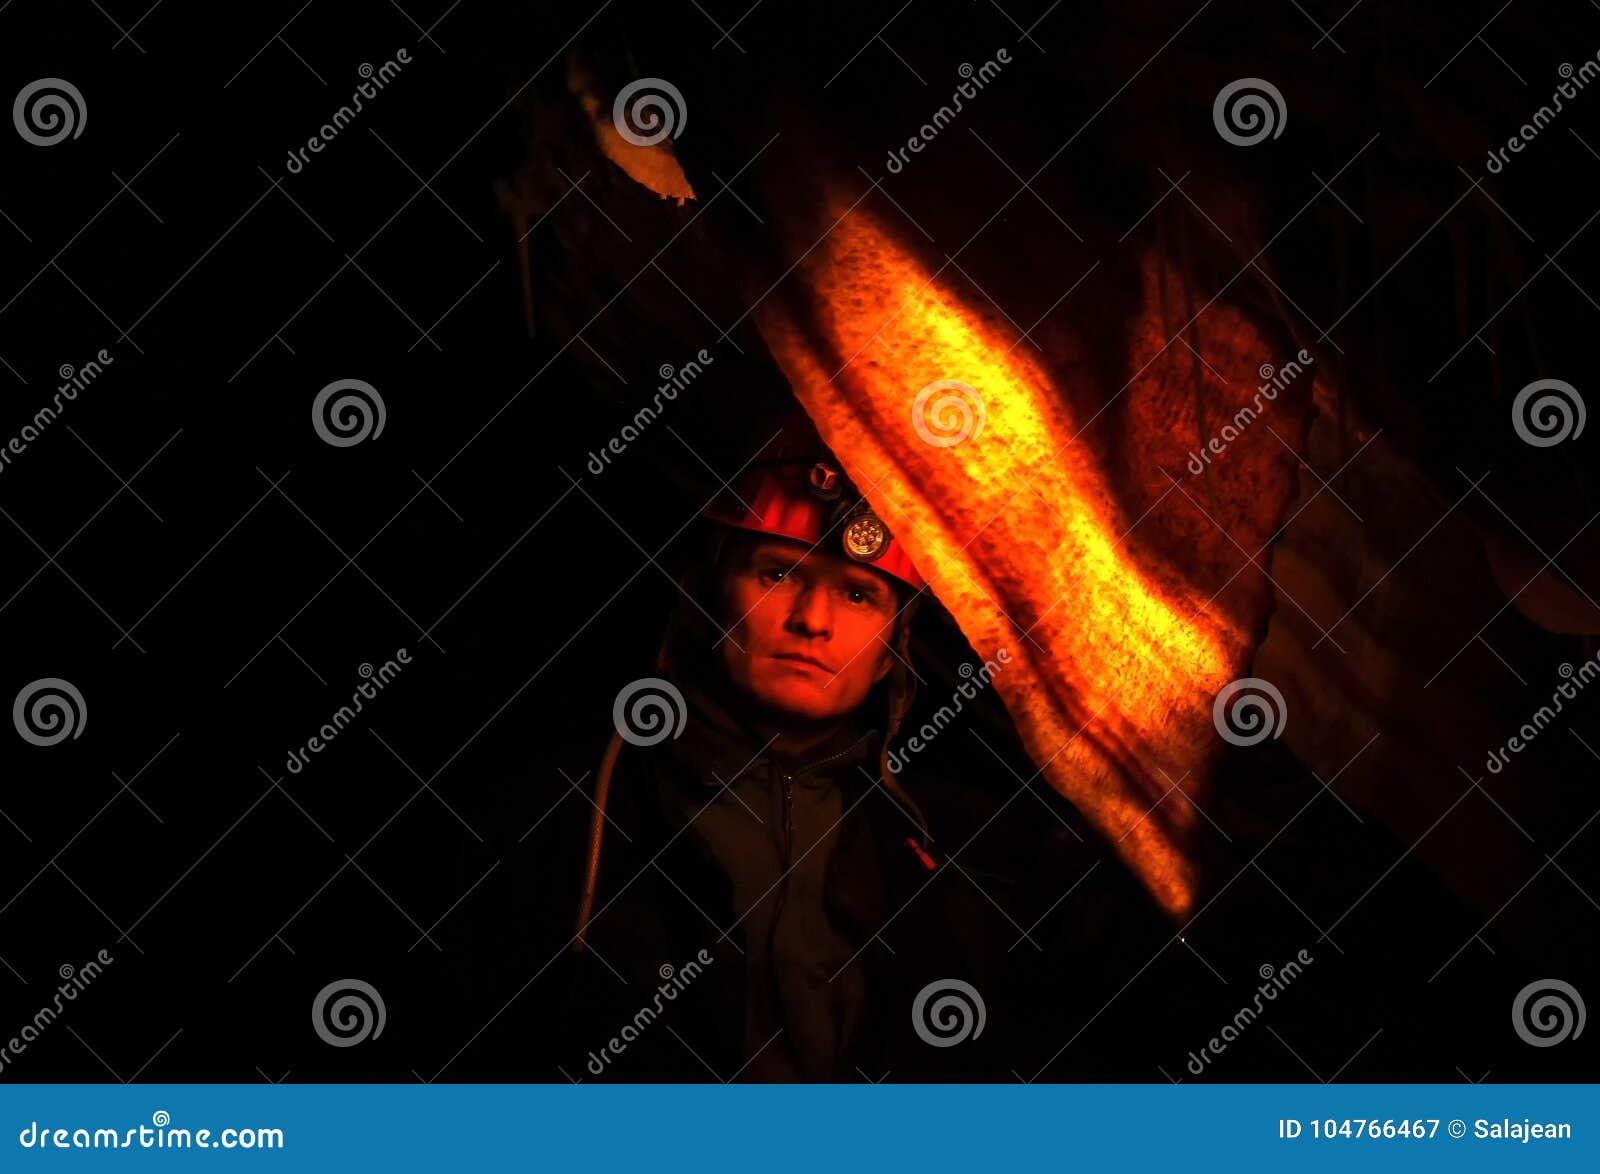 Spelunker zastanawia się w jamie